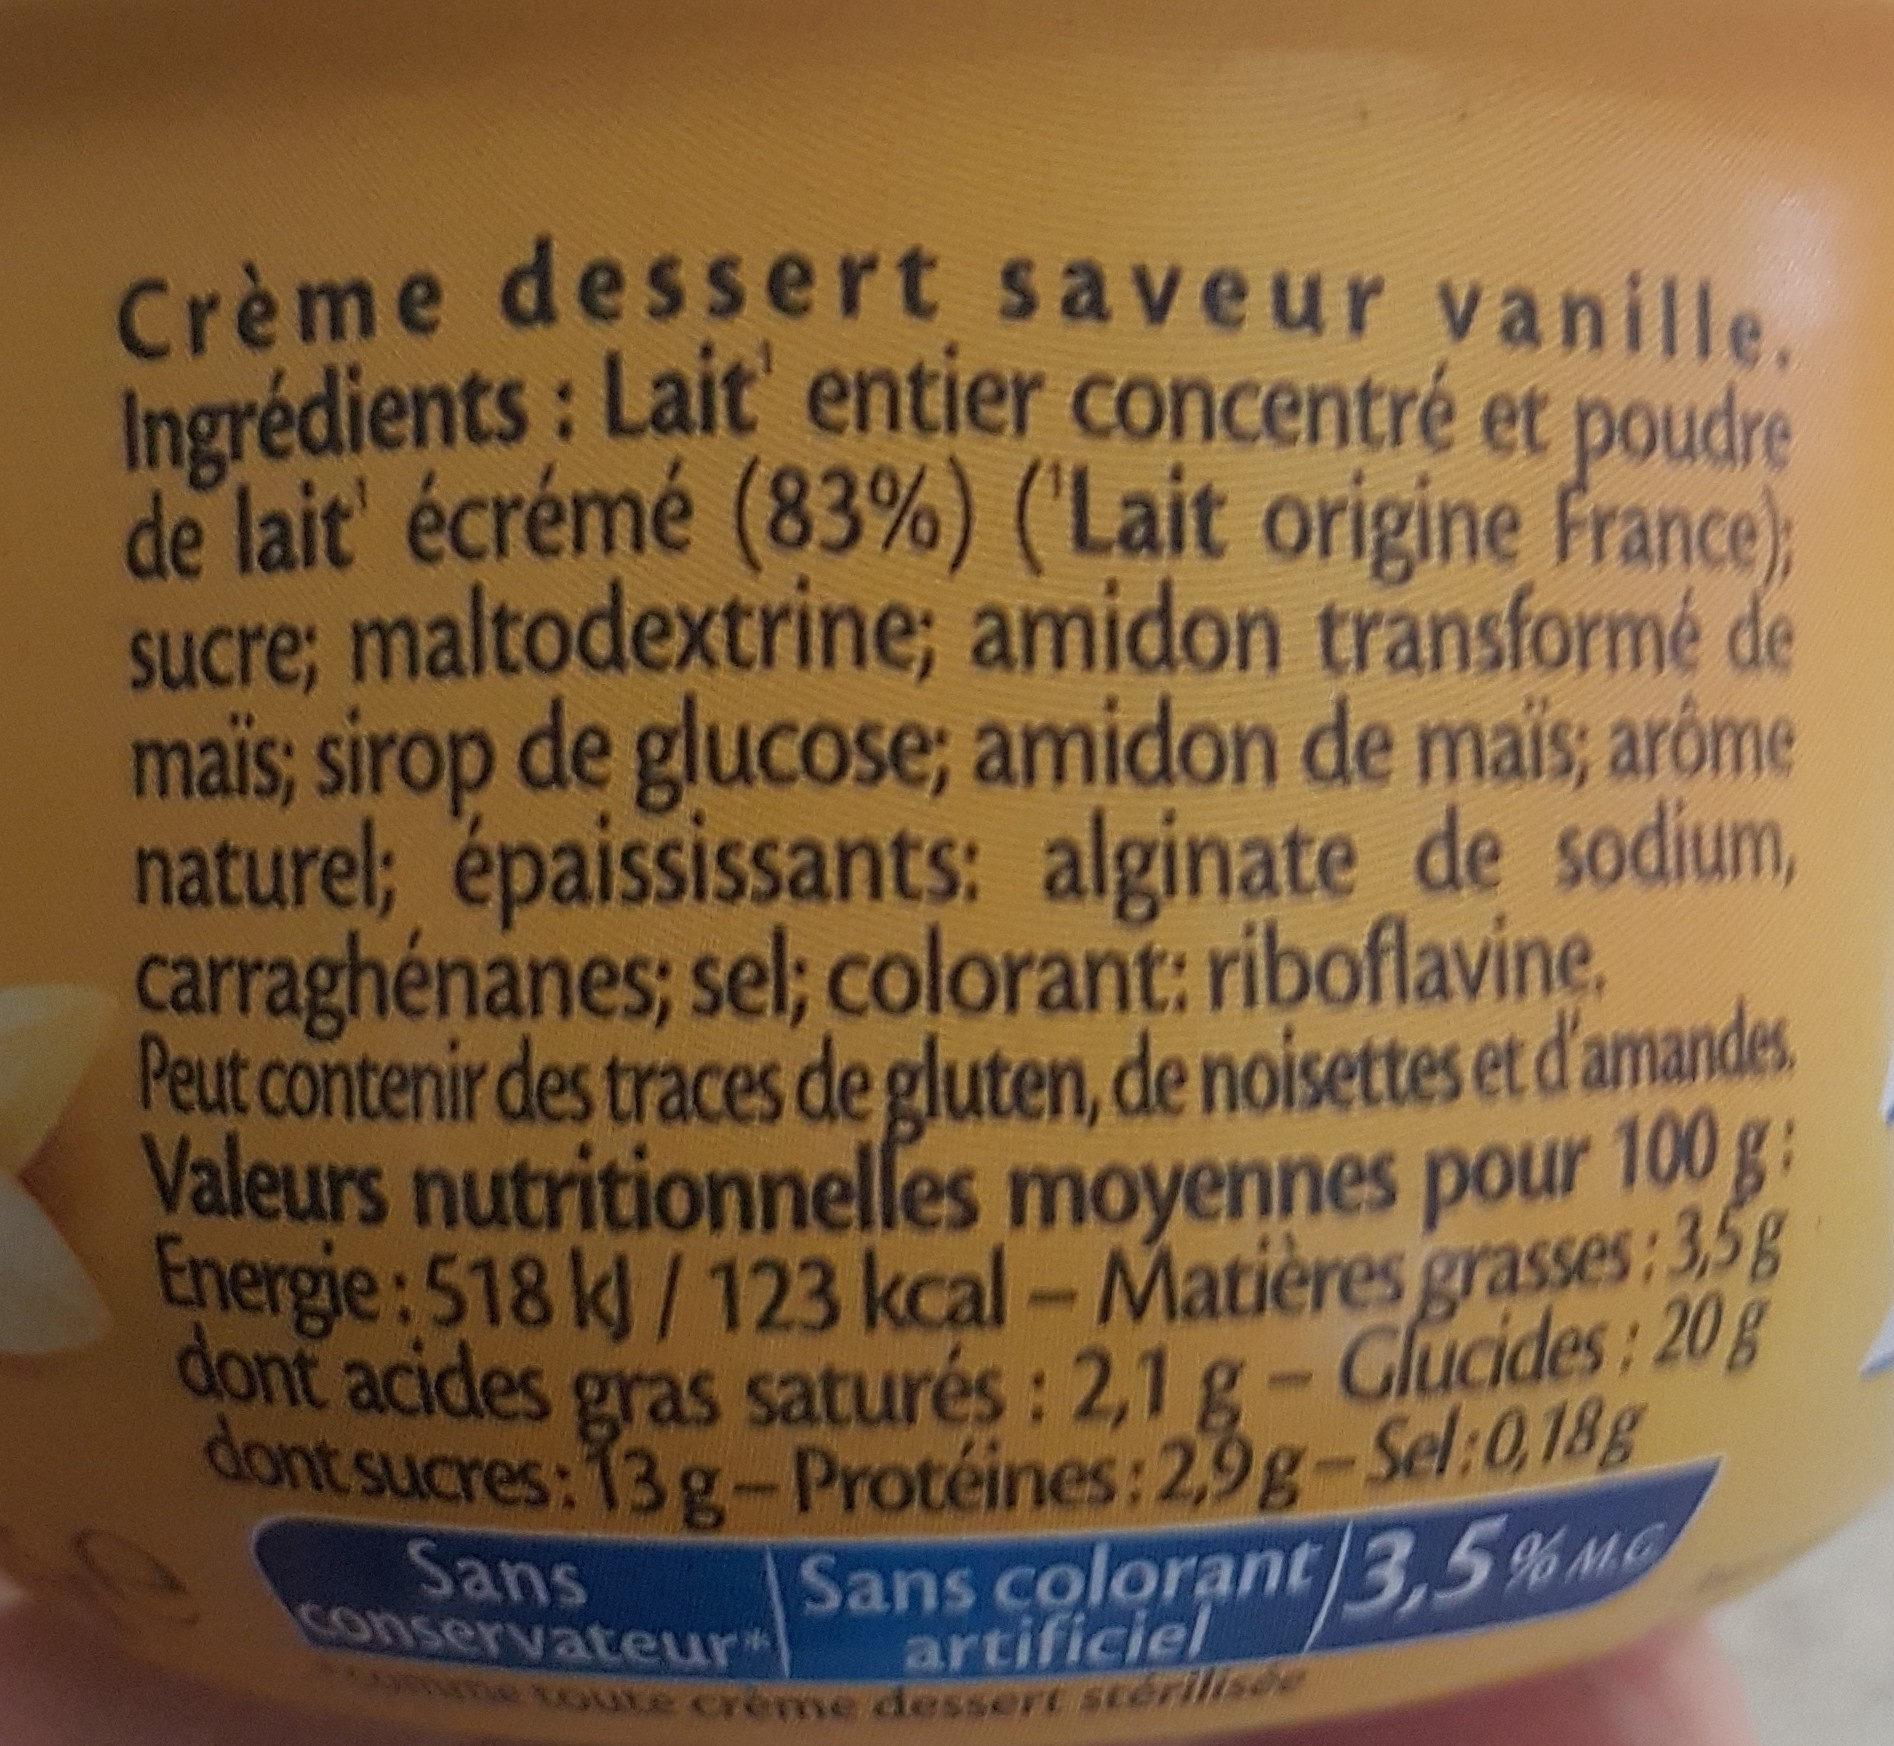 Crème Dessert à La Vanille - Ingredients